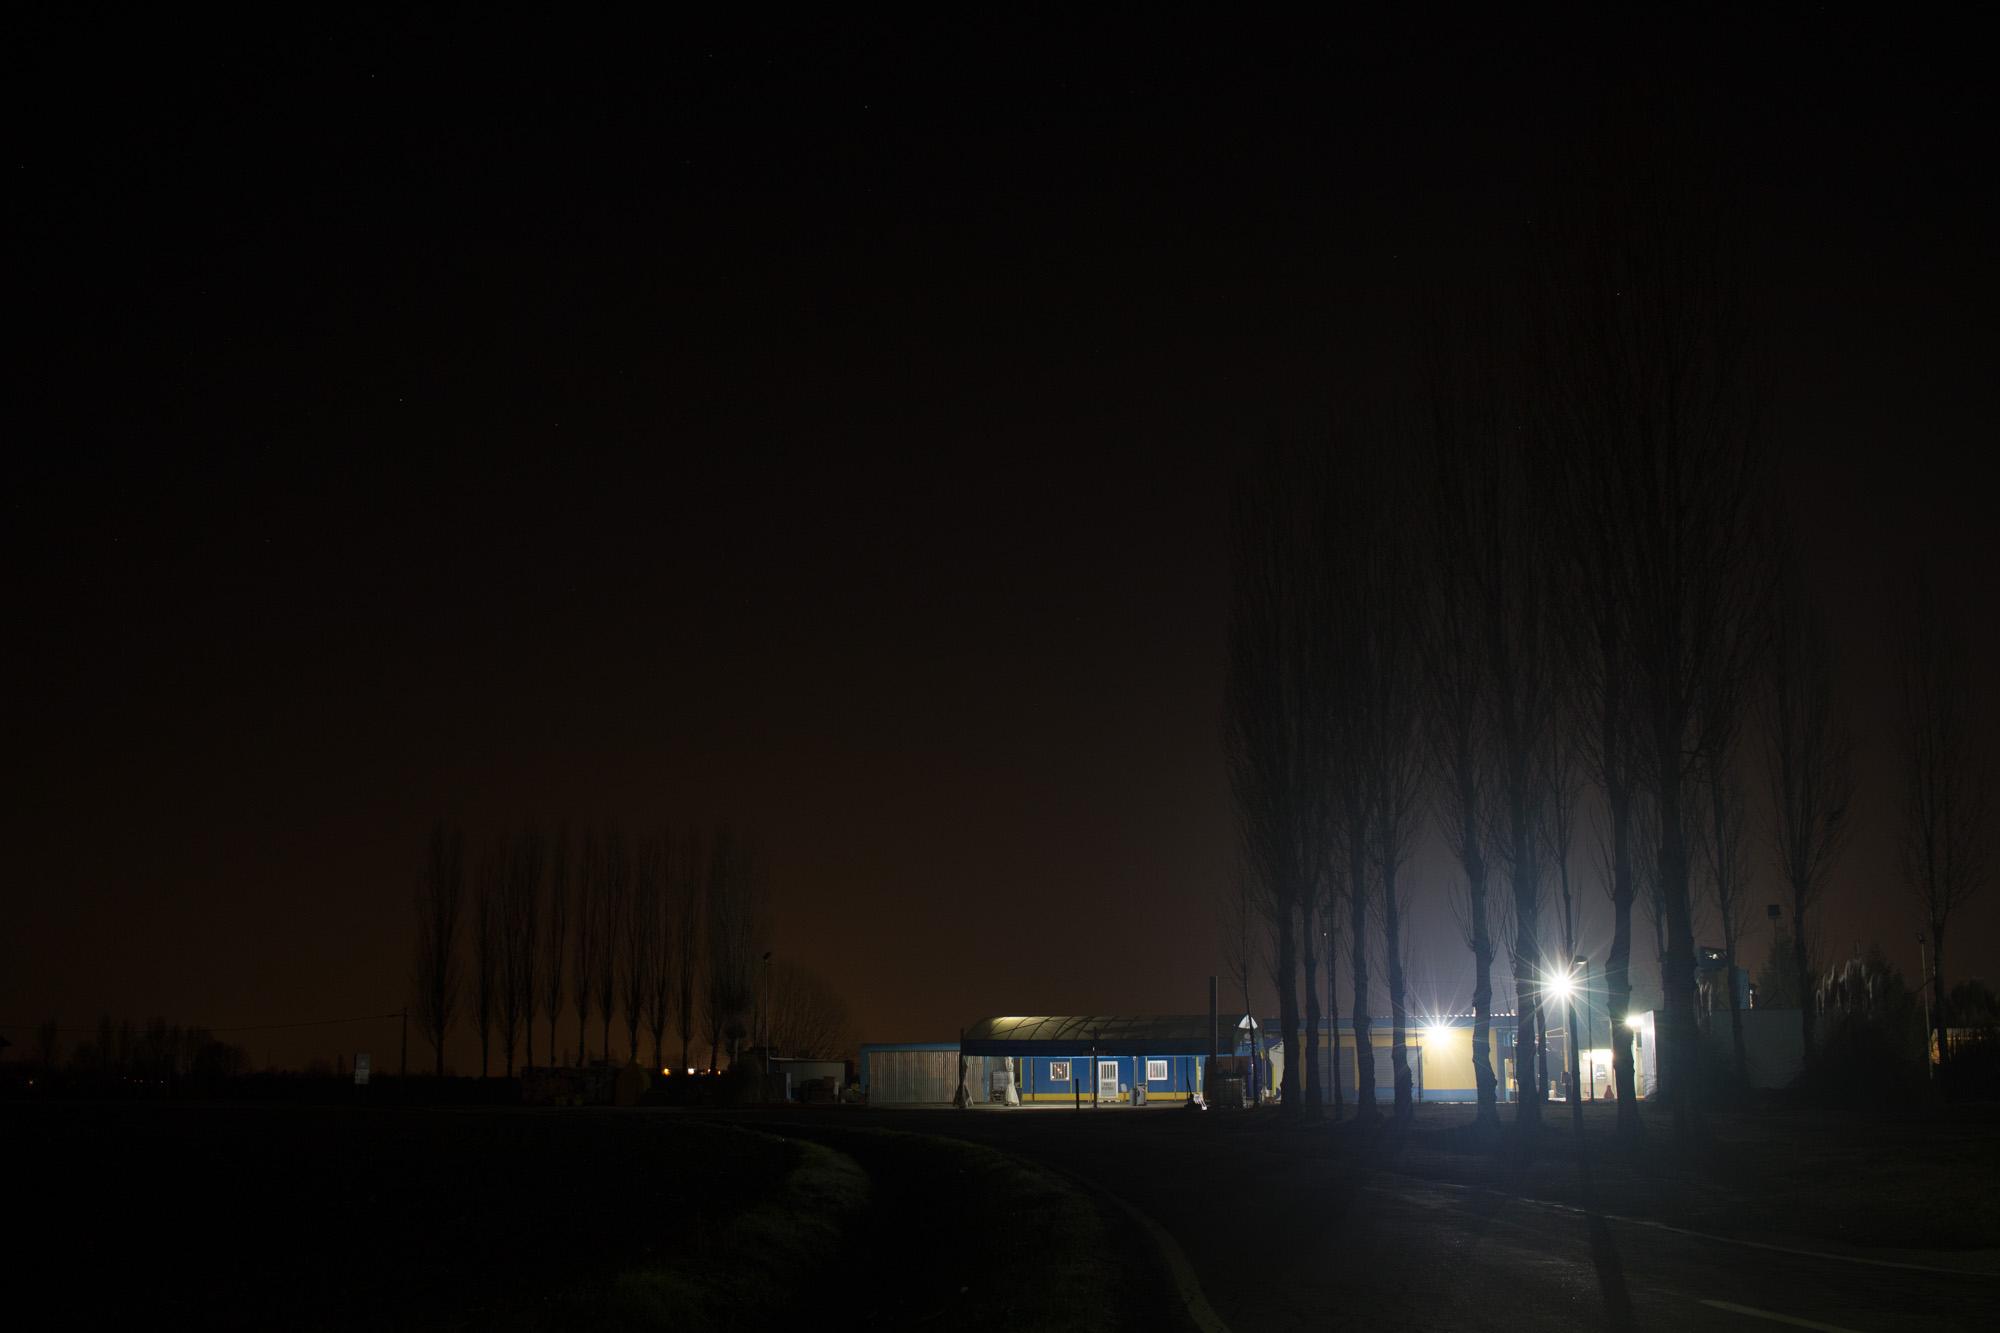 Il bello essenziale nella fotografia notturna 04